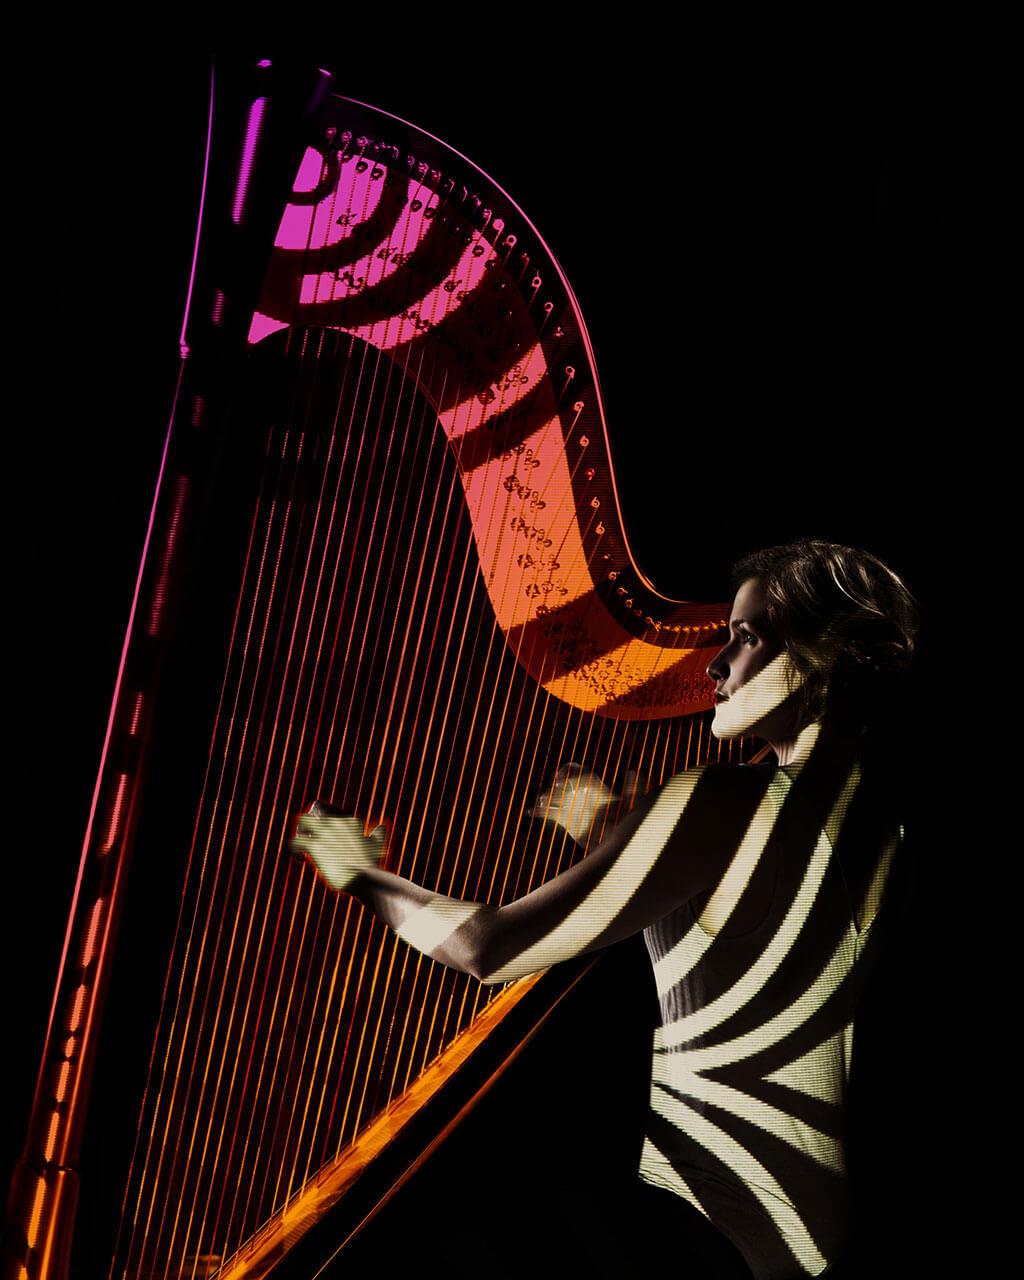 Innovatrice dans l'âme, Valérie Milot a conçu Orbis, un spectacle multimédia hypnotisant où elle joue sous un dôme. (Crédit: Frédérik Robitaille)